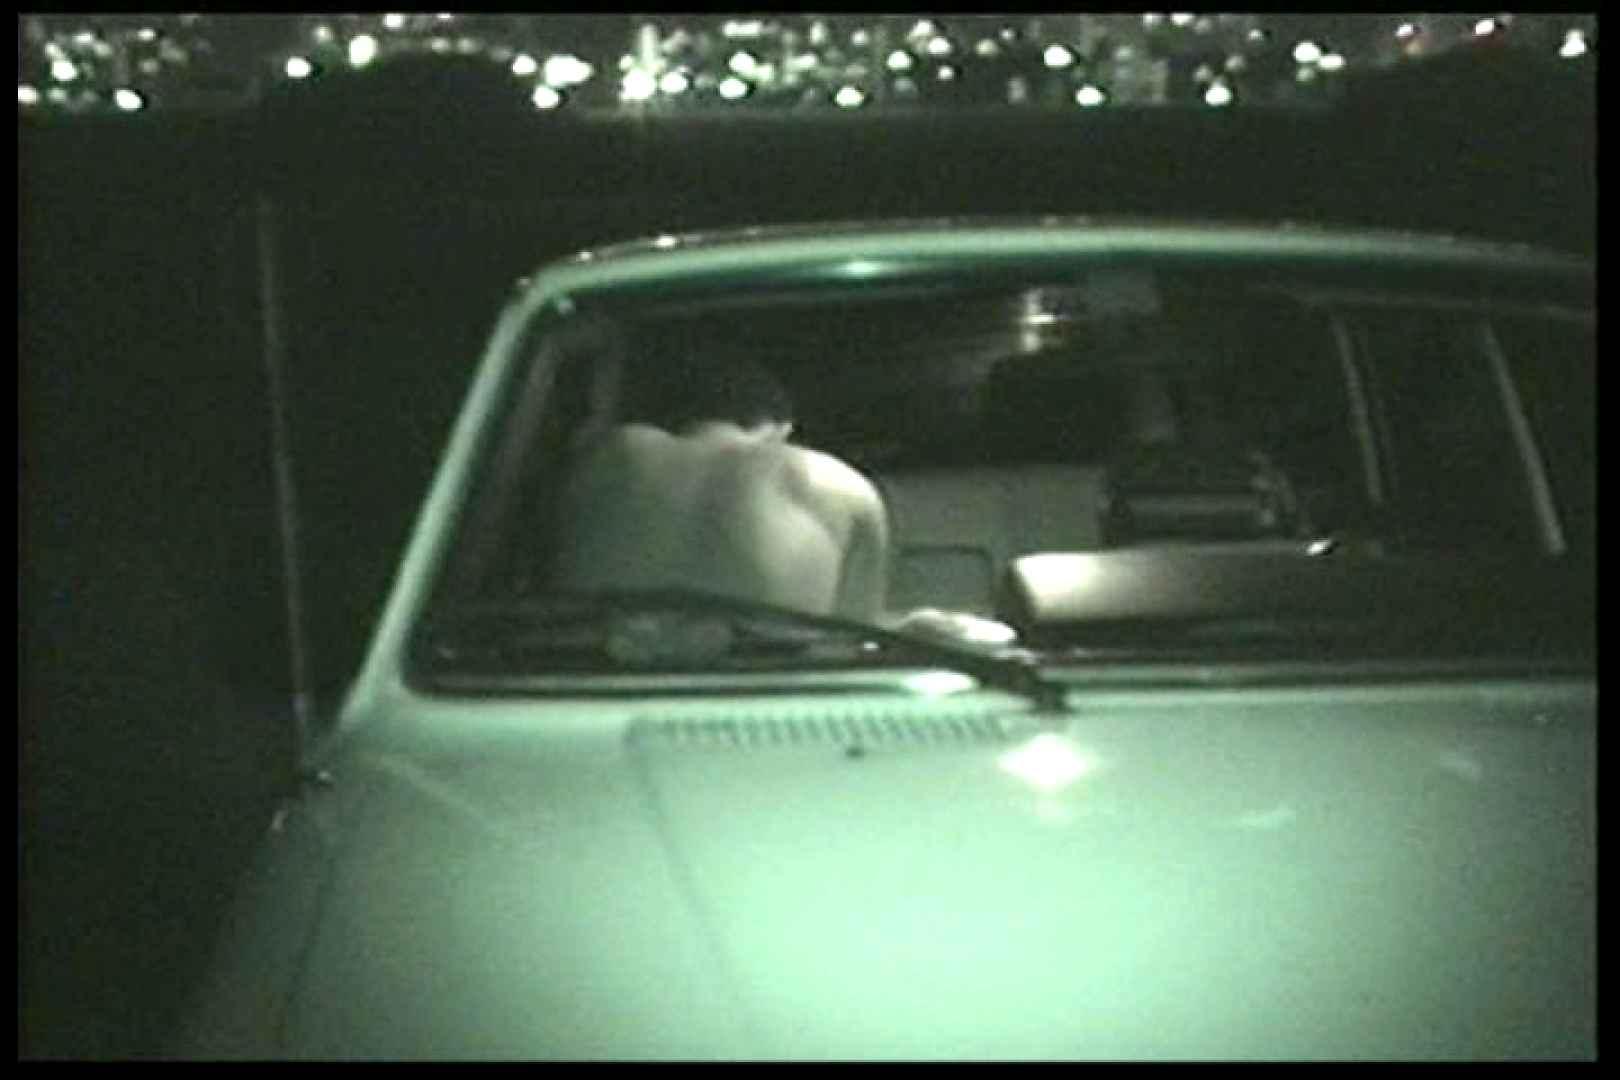 車の中はラブホテル 無修正版  Vol.15 赤外線 盗撮動画紹介 89pic 47